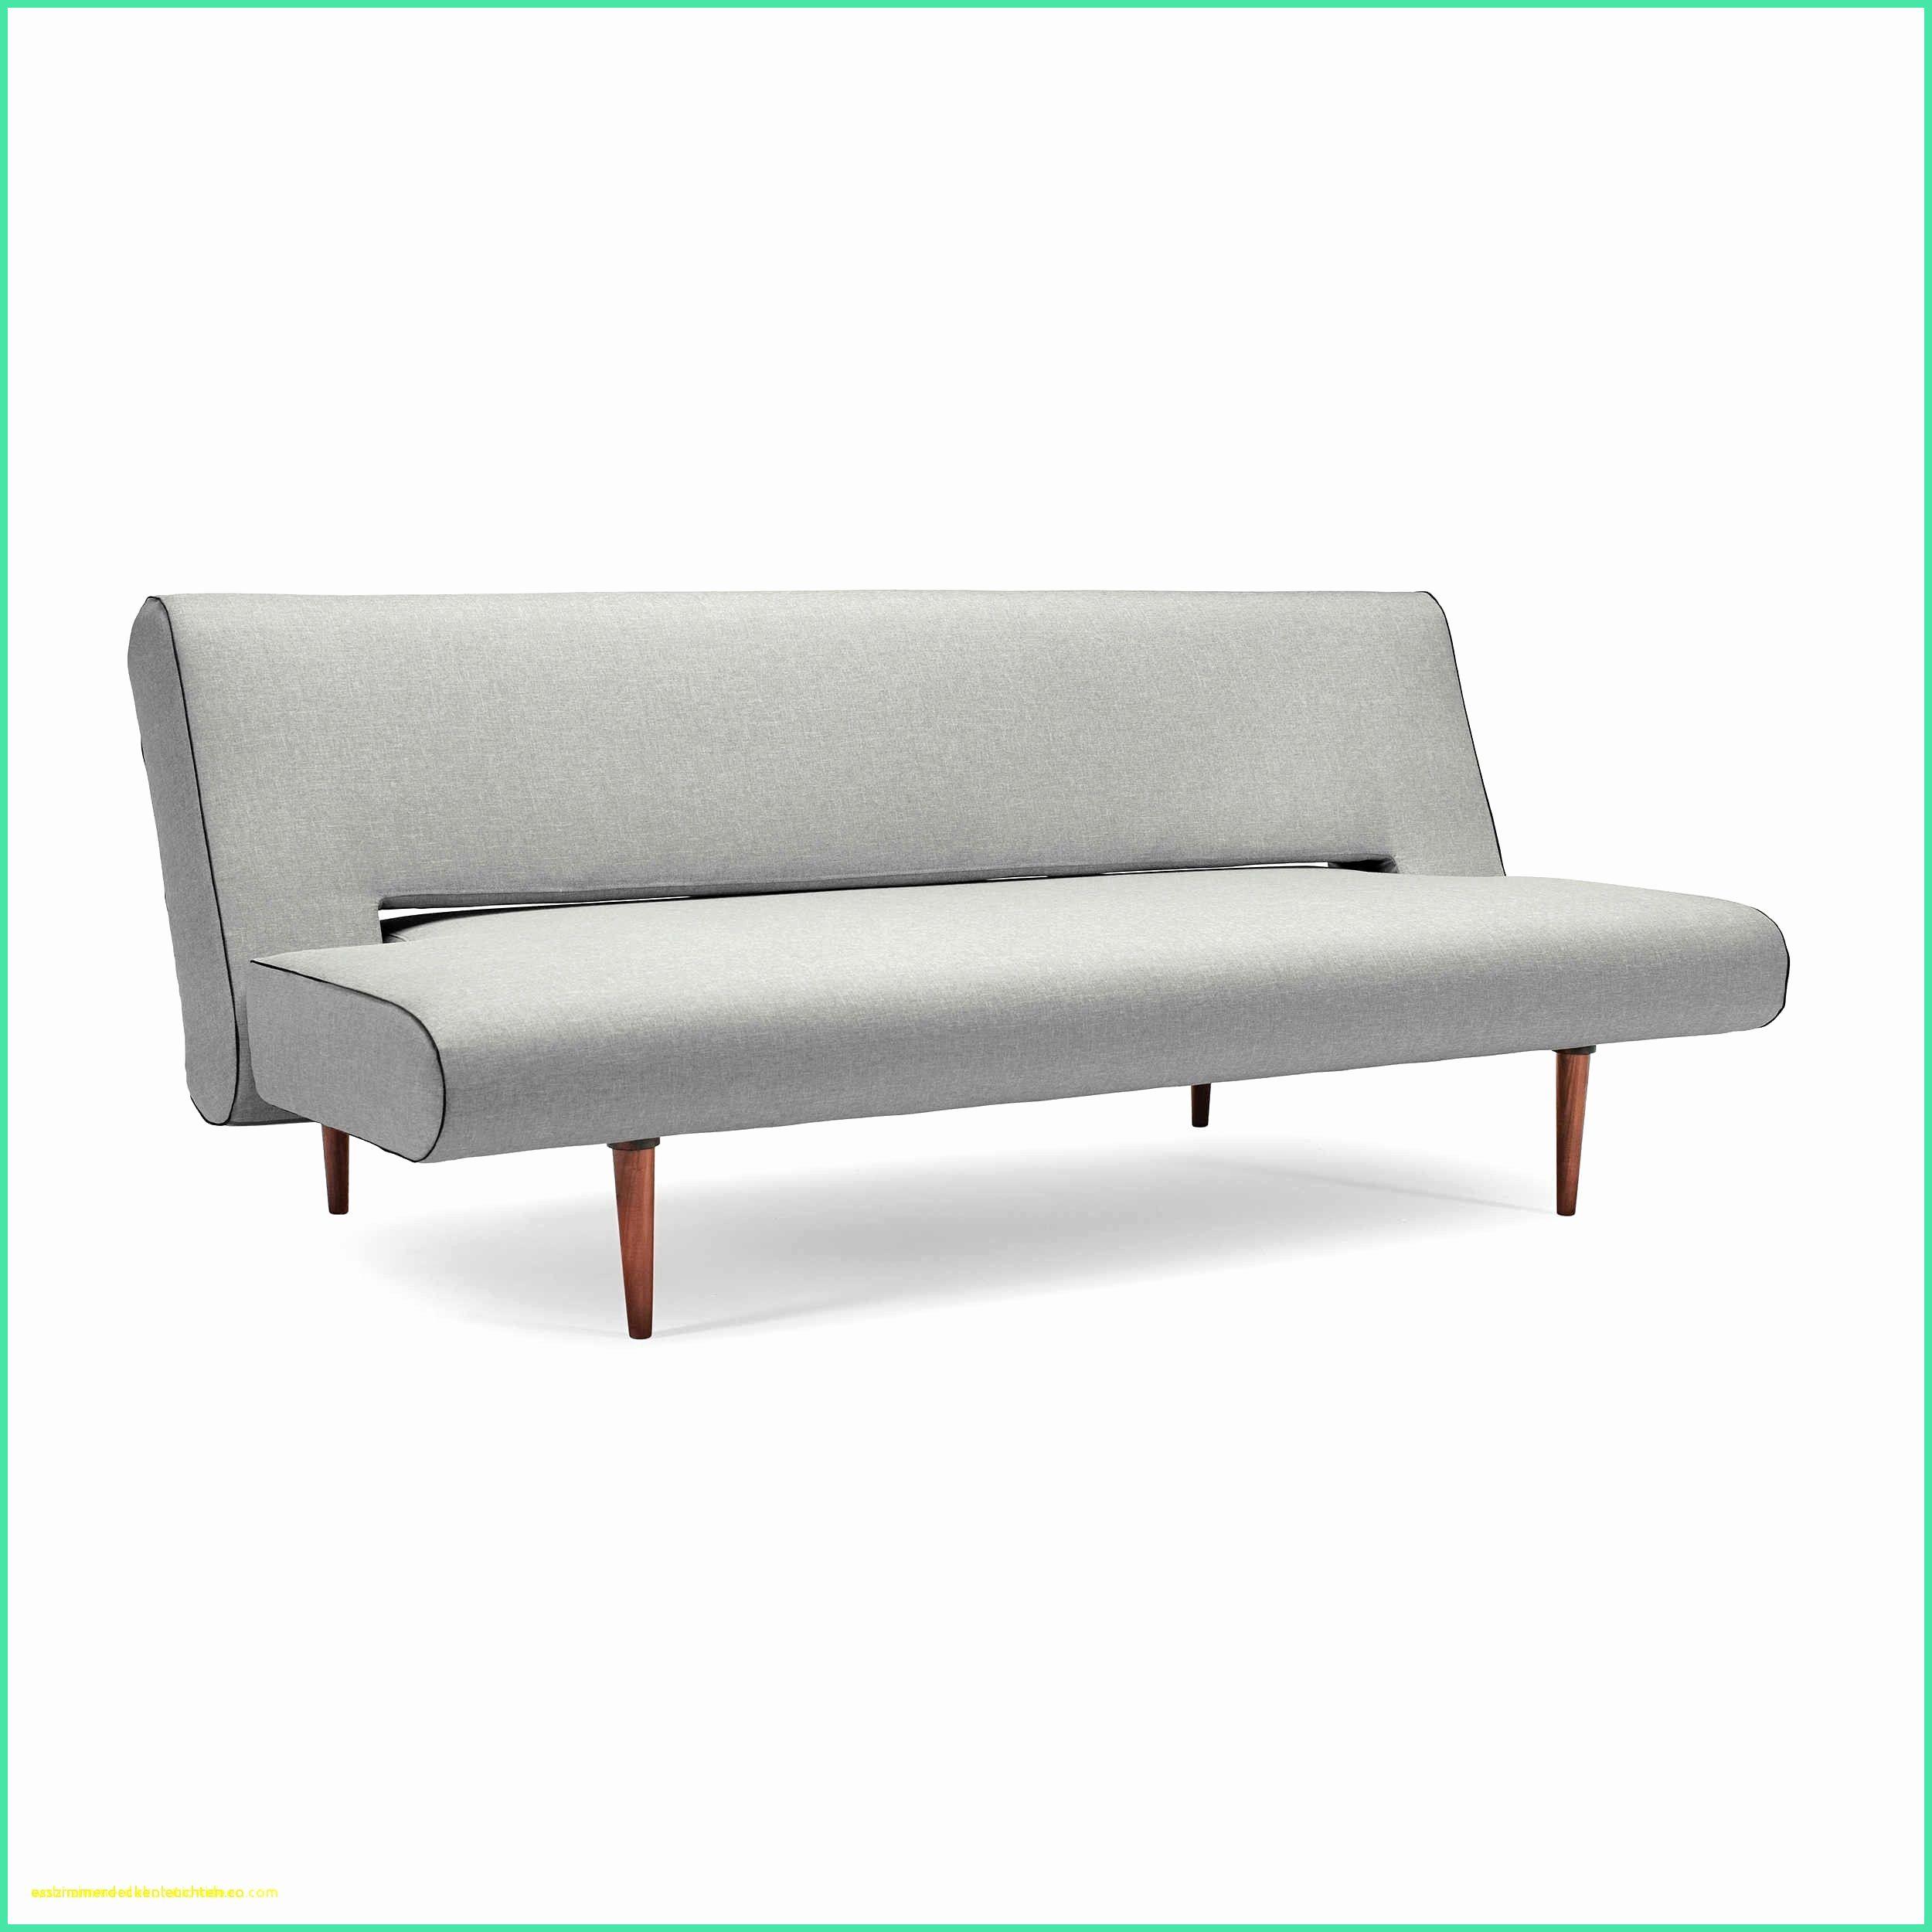 Schlafsofa 120 Cm Breit Einzigartig Sofa 200 Cm Breit Beste Bett 120 Cm Breit Gallery Wunderbar Betten Schlafsofa120